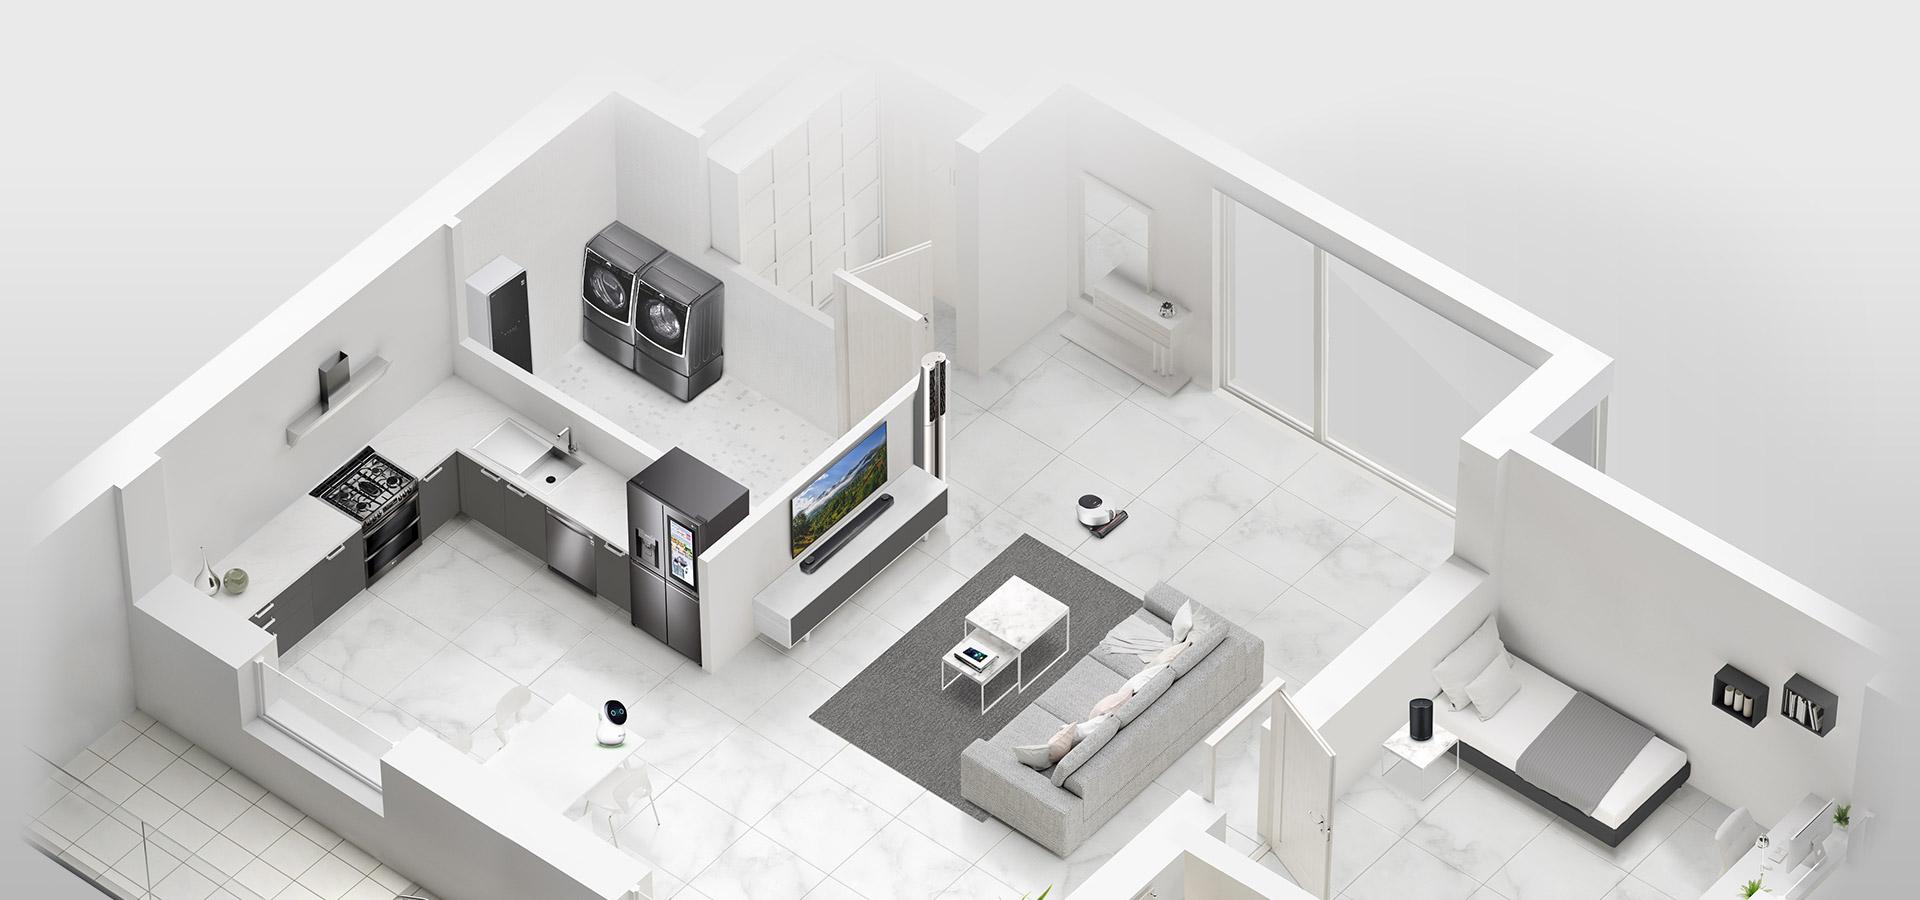 Η LG μετατρέπει το σπίτι σε «έξυπνο» νοικοκυριό